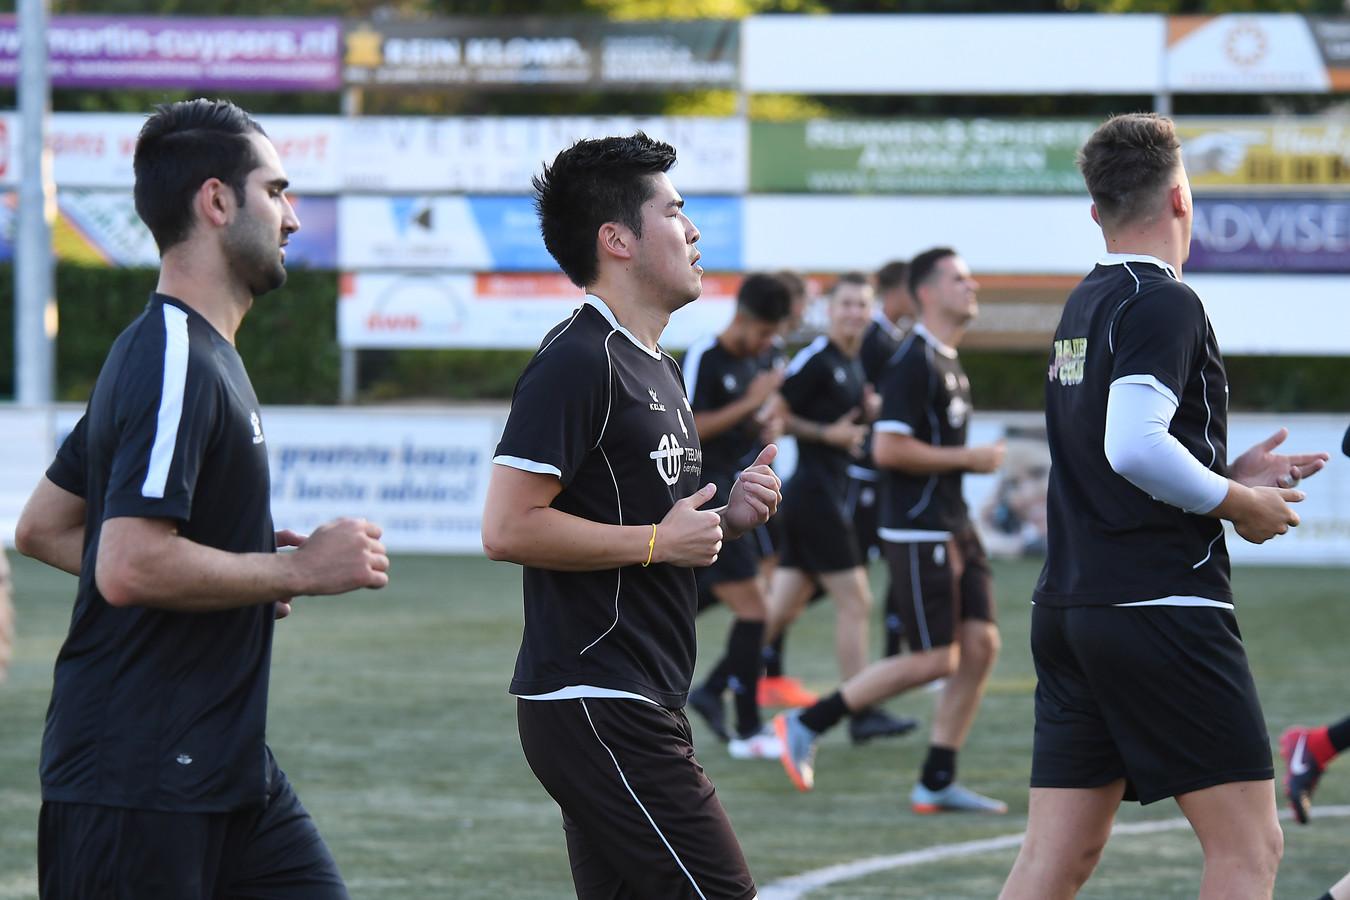 Jacky Chi (tweede links) tijdens een loopoefening bij JVC Cuijk. Geheel links Ali Özdemir.